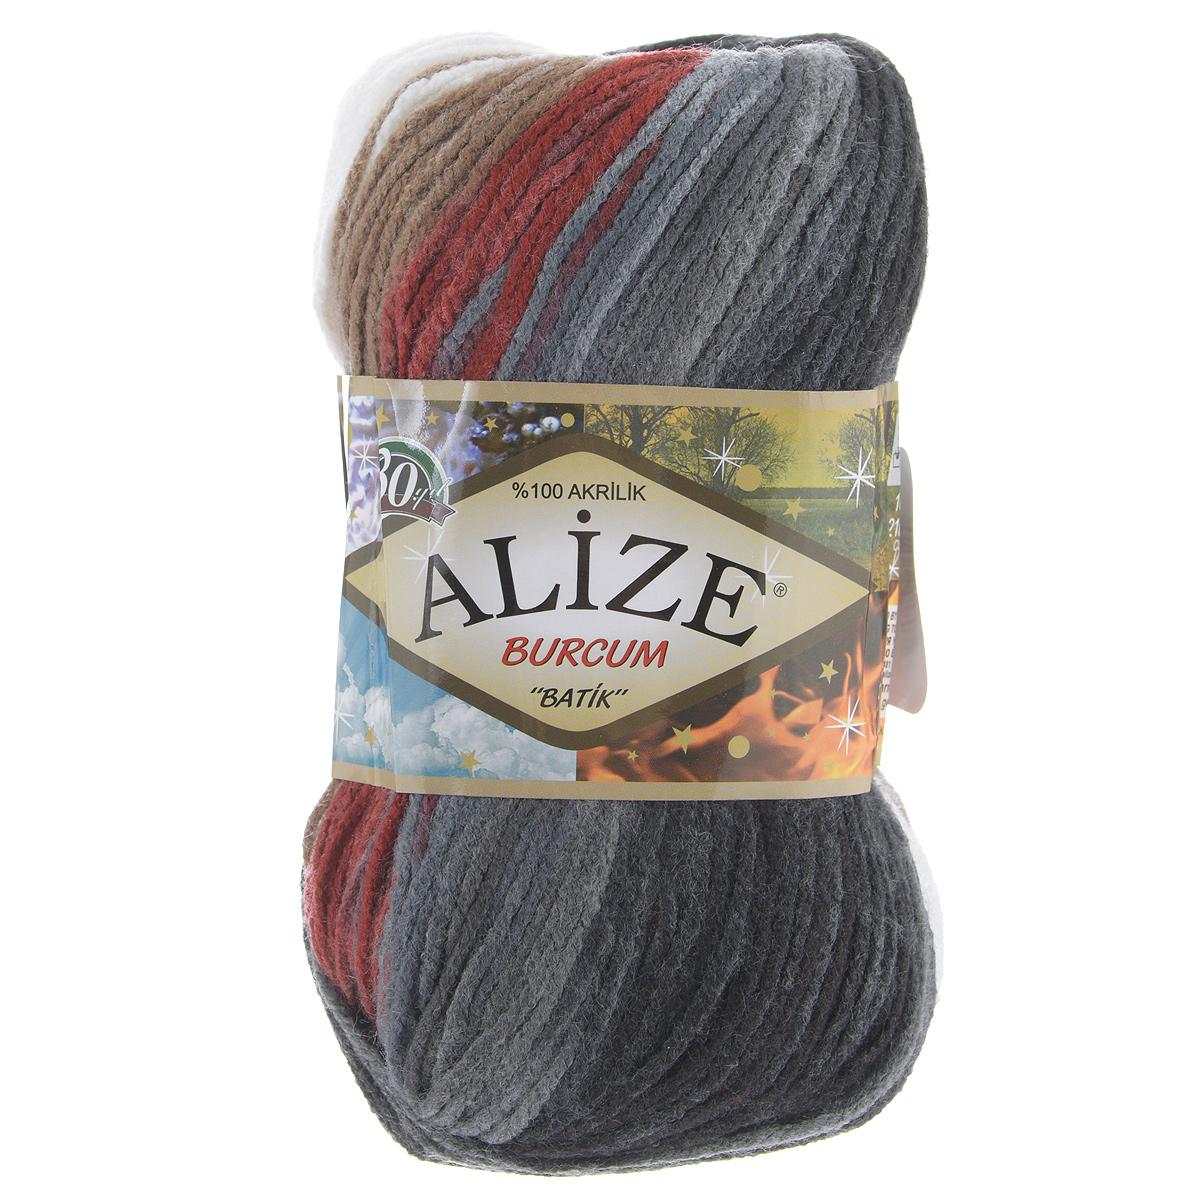 Пряжа для вязания Alize Burсum Batik, цвет: синий, красный, белый (3375), 210 м, 100 г, 5 шт364118_3376Пряжа Alize Burсum Batik - это классическая демисезонная пряжа секционного крашения. Она мягкая, «нескрипучая». Нить плотно скручена, после распускания не деформируется. Связанные вещи не колются, не линяют, не теряют своей формы, не образуют катышков. Такую пряжу можно даже использовать для вязания детской одежды. Пряжа Alize Burсum Batik идеальна для создания свитеров, регланов, жилетов, кардиганов, шарфов, шапок, аксессуаров, пледов и др. Рекомендованные спицы для вязания 4-6 мм. Состав: 100% акрил.